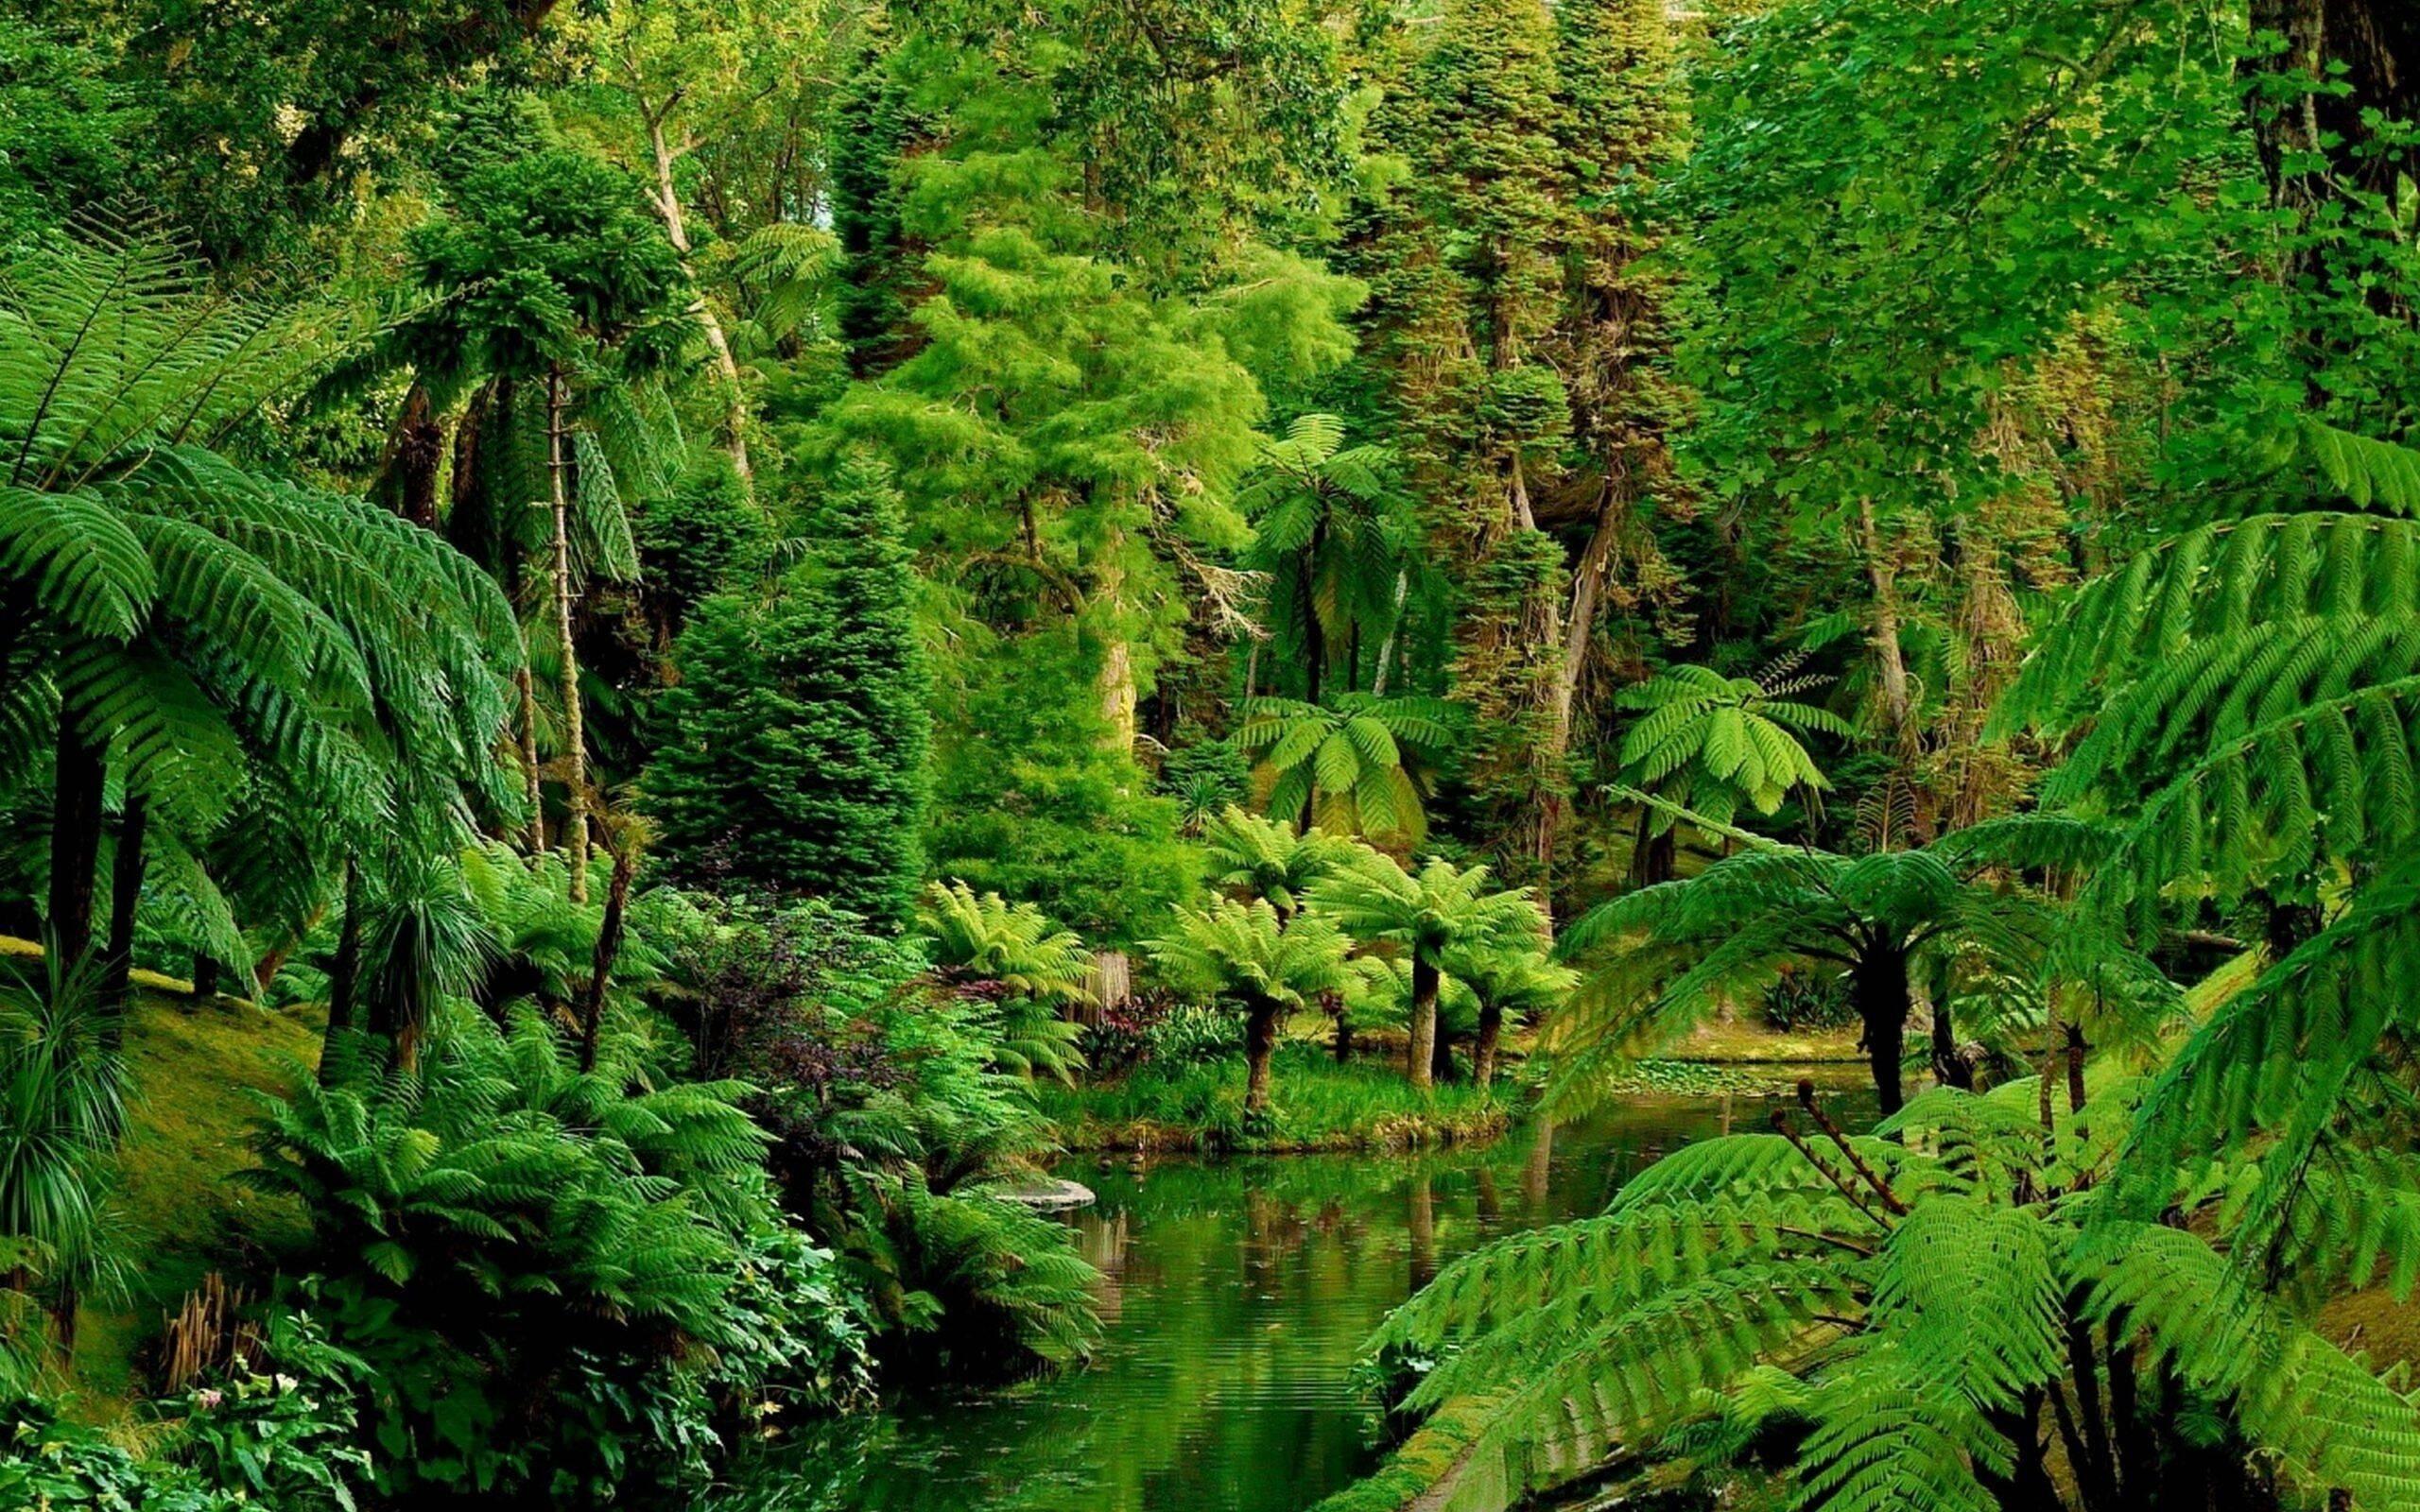 Equipe fez gravações na Floresta Amazônica. Foto: Reprodução